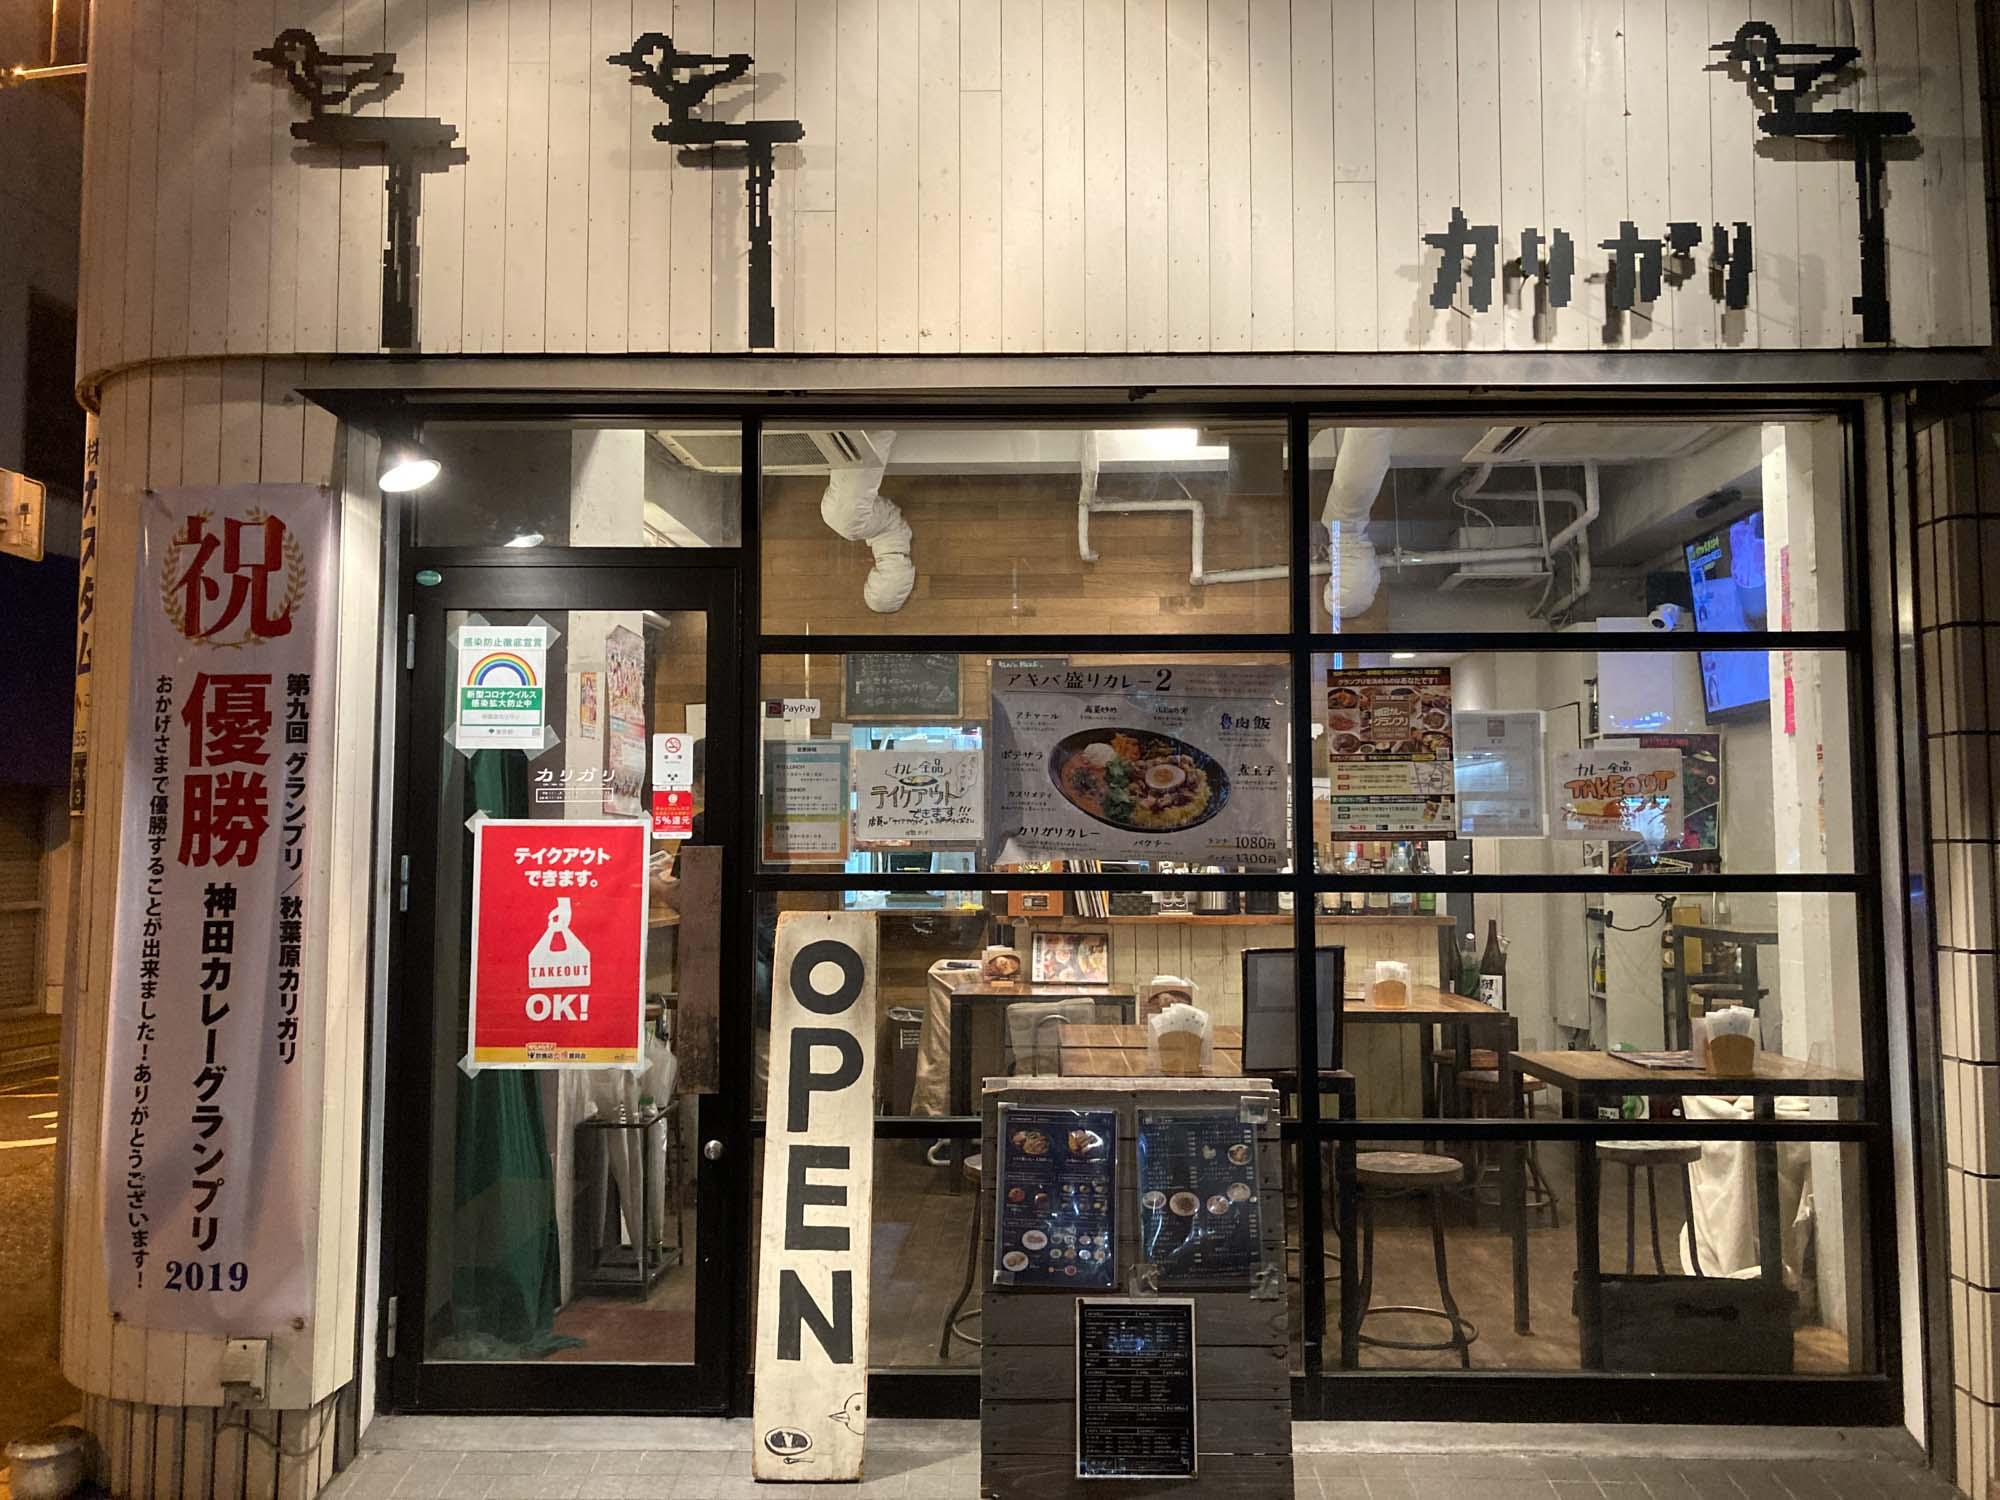 このあたりの住所は「東神田」。神田といえば、カレーの激戦区ですね。神田カレーグランプリ優勝店がすぐ近くにありましたよ。